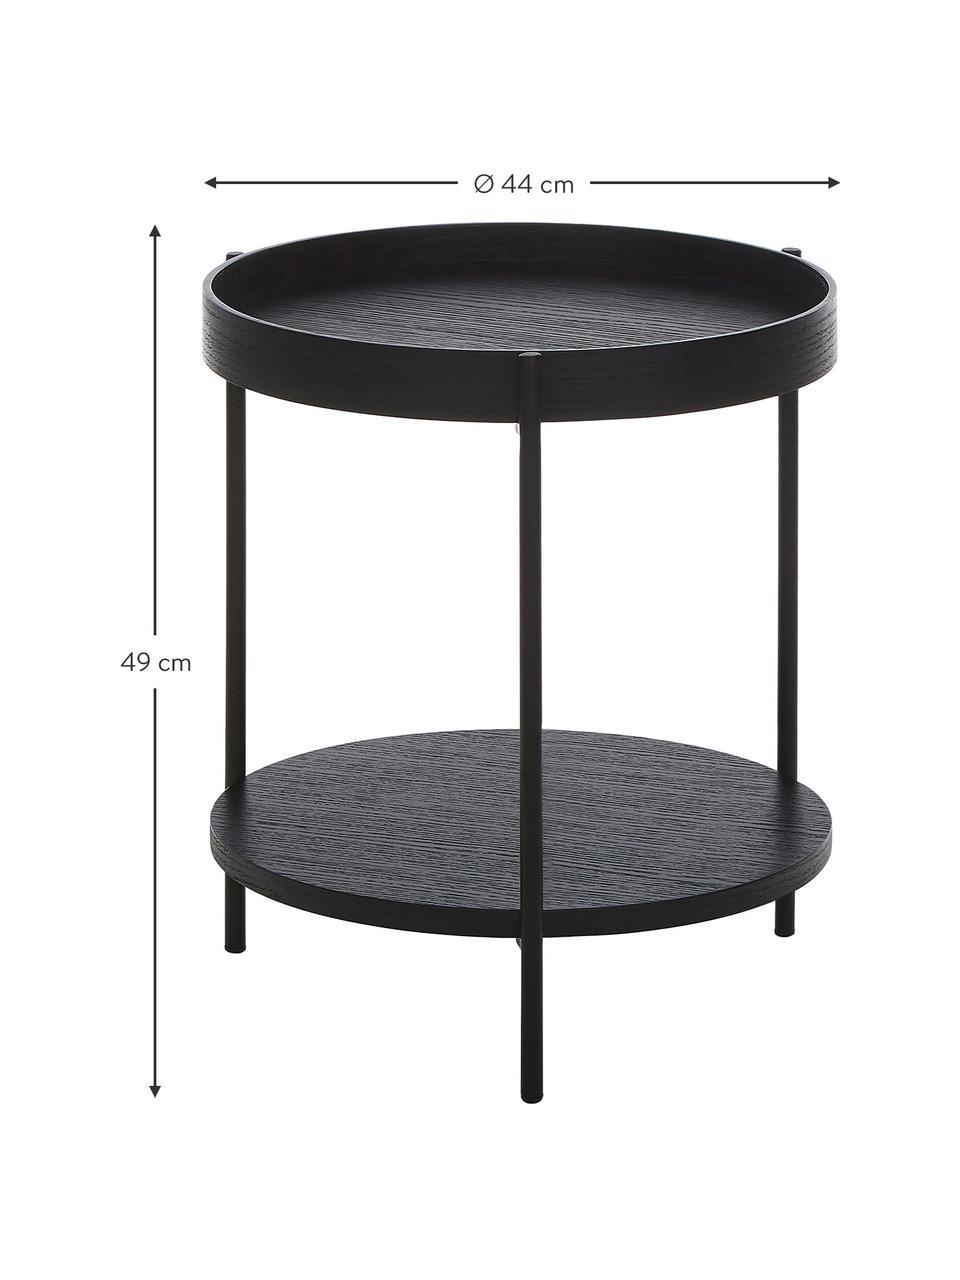 Bijzettafel Renee met opbergvak, Frame: gepoedercoat metaal, Tafelbladen: zwart. Frame: mat zwart, Ø 44 x H 49 cm